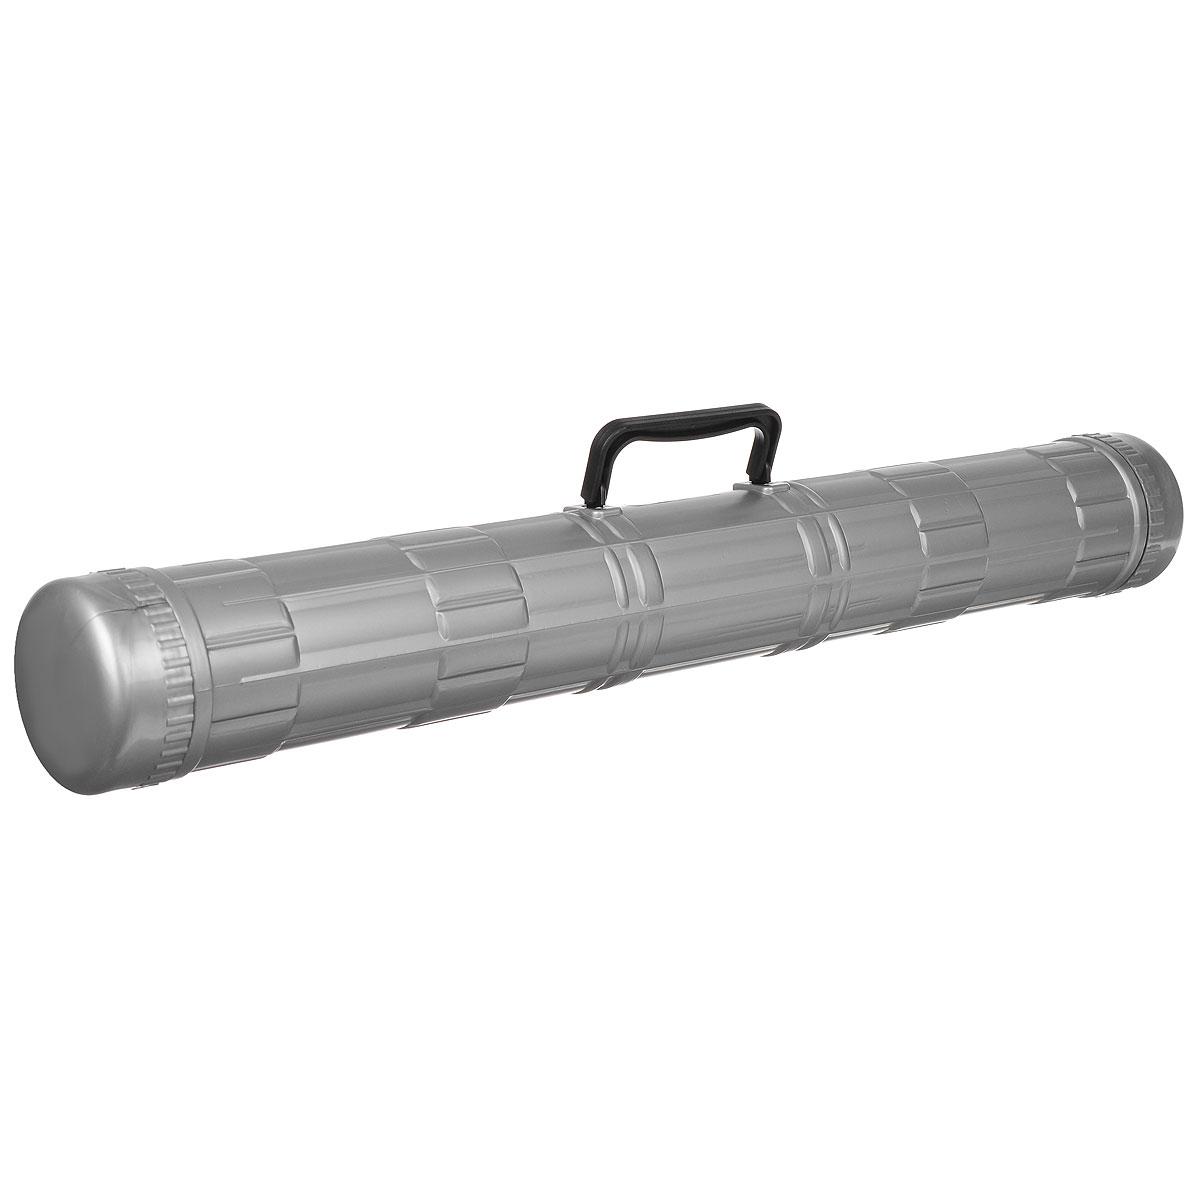 """Стильный тубус """"Стамм"""", выполненный в современном эргономичном дизайне, идеально подойдет для хранения и транспортировки чертежей и листов формата А4-А1 (12 листов). Тубус оснащен удобной пластиковой ручкой для переноски и надежными закручивающими боковыми крышечками, обеспечивающими быстрый доступ к чертежам и рисункам. Современный тубус будет незаменим для студентов и офисных работников. Диаметр тубуса: 9 см. Длина тубуса: 68 см."""